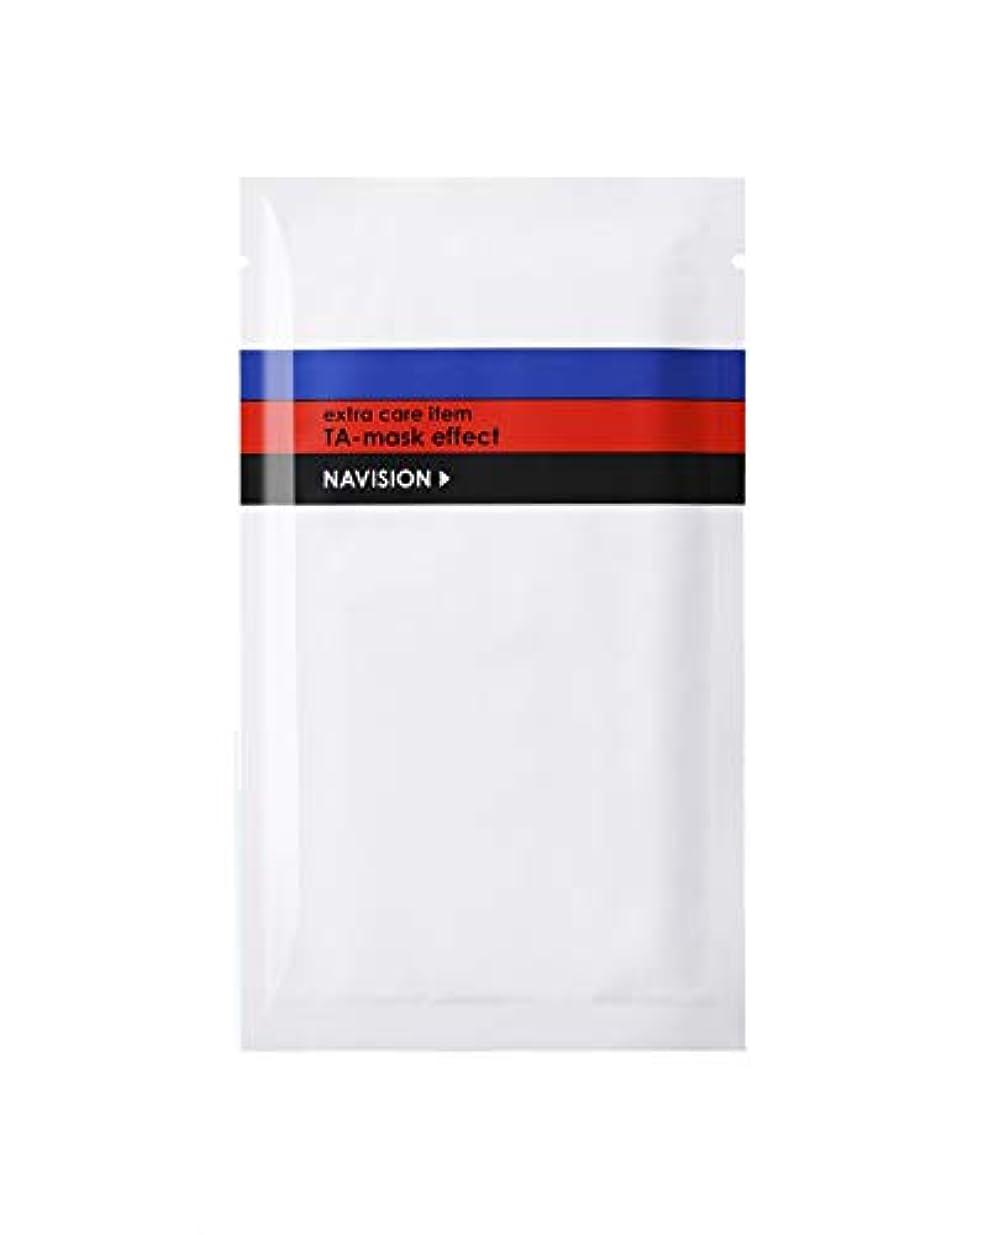 単調な参照するその後ナビジョン NAVISION TAマスクエフェクト ~ニキビのもとになりにくい処方 薬用美白マスク